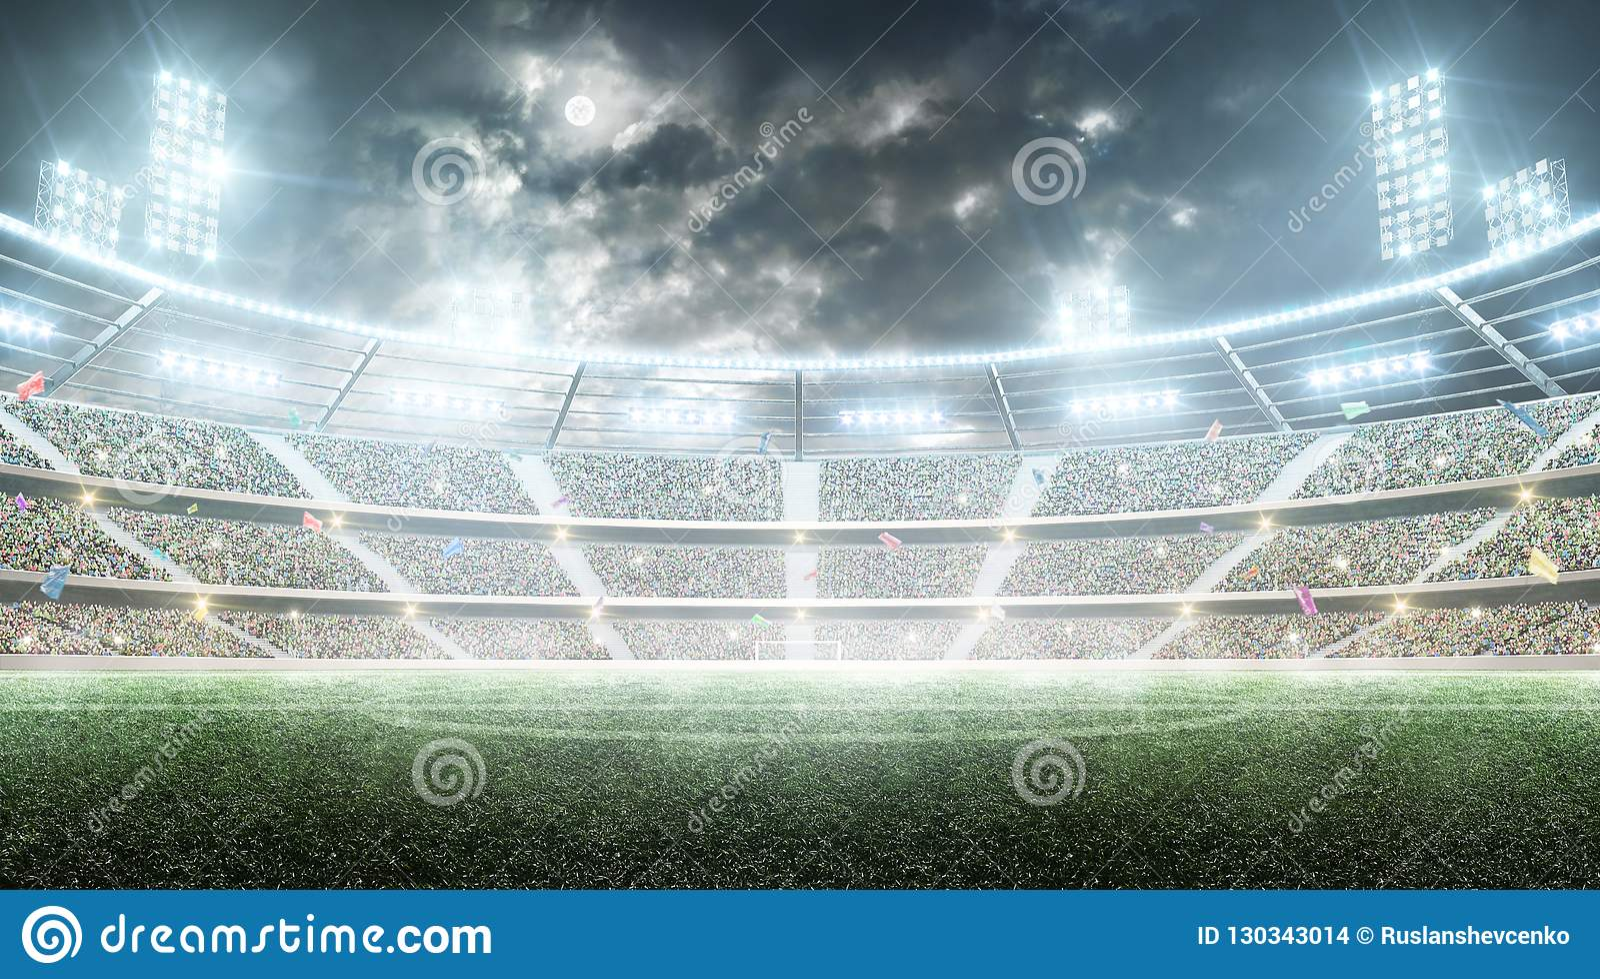 Futebol stadium Arena de esporte profissional Estádio da noite sob a lua com luzes, fãs e bandeiras Fundo